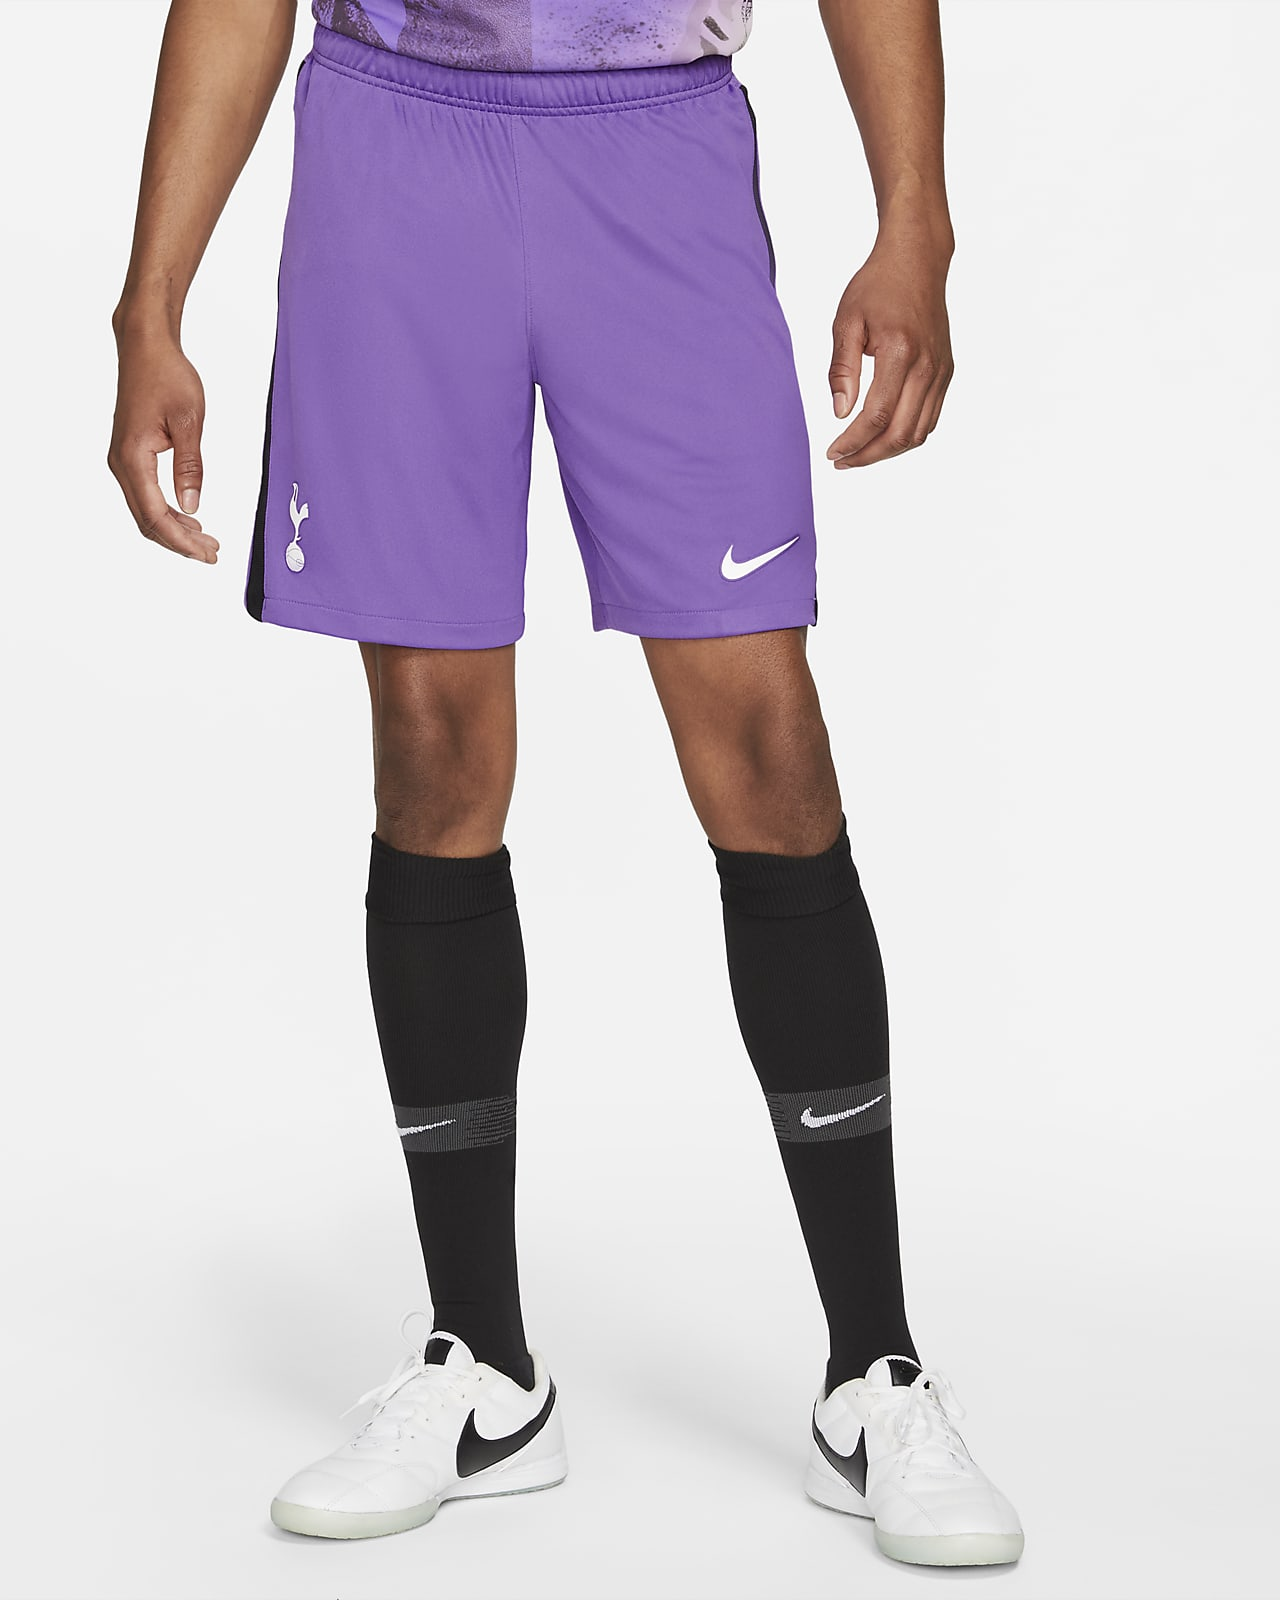 Calções de futebol Nike Dri-FIT do terceiro equipamento Stadium Tottenham Hotspur 2021/22 para homem